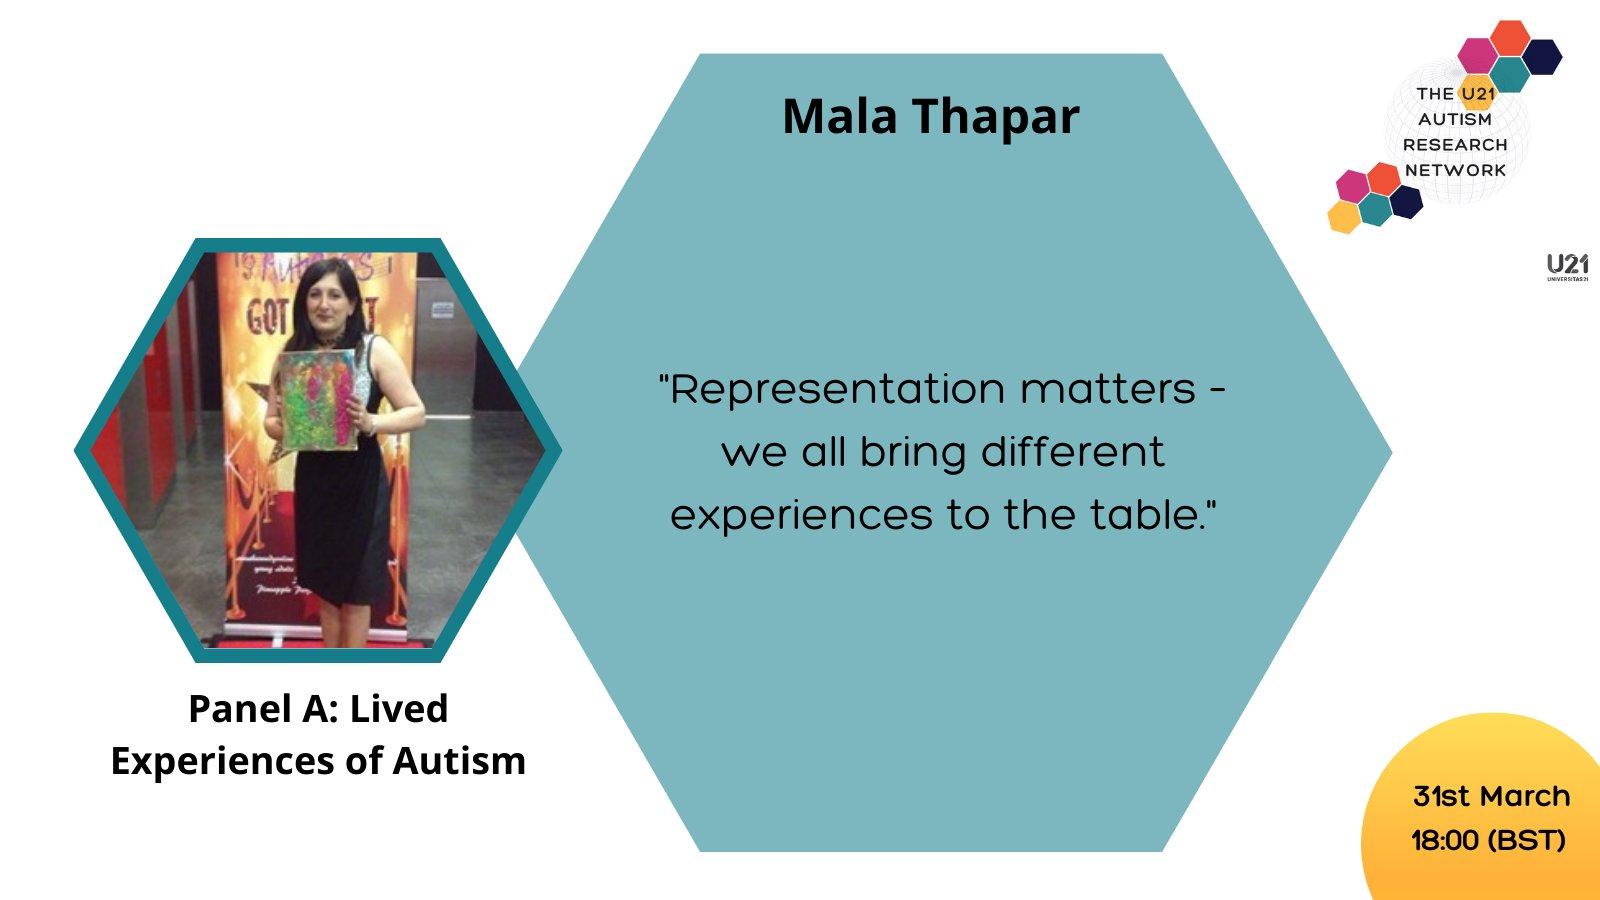 Mala Thapar